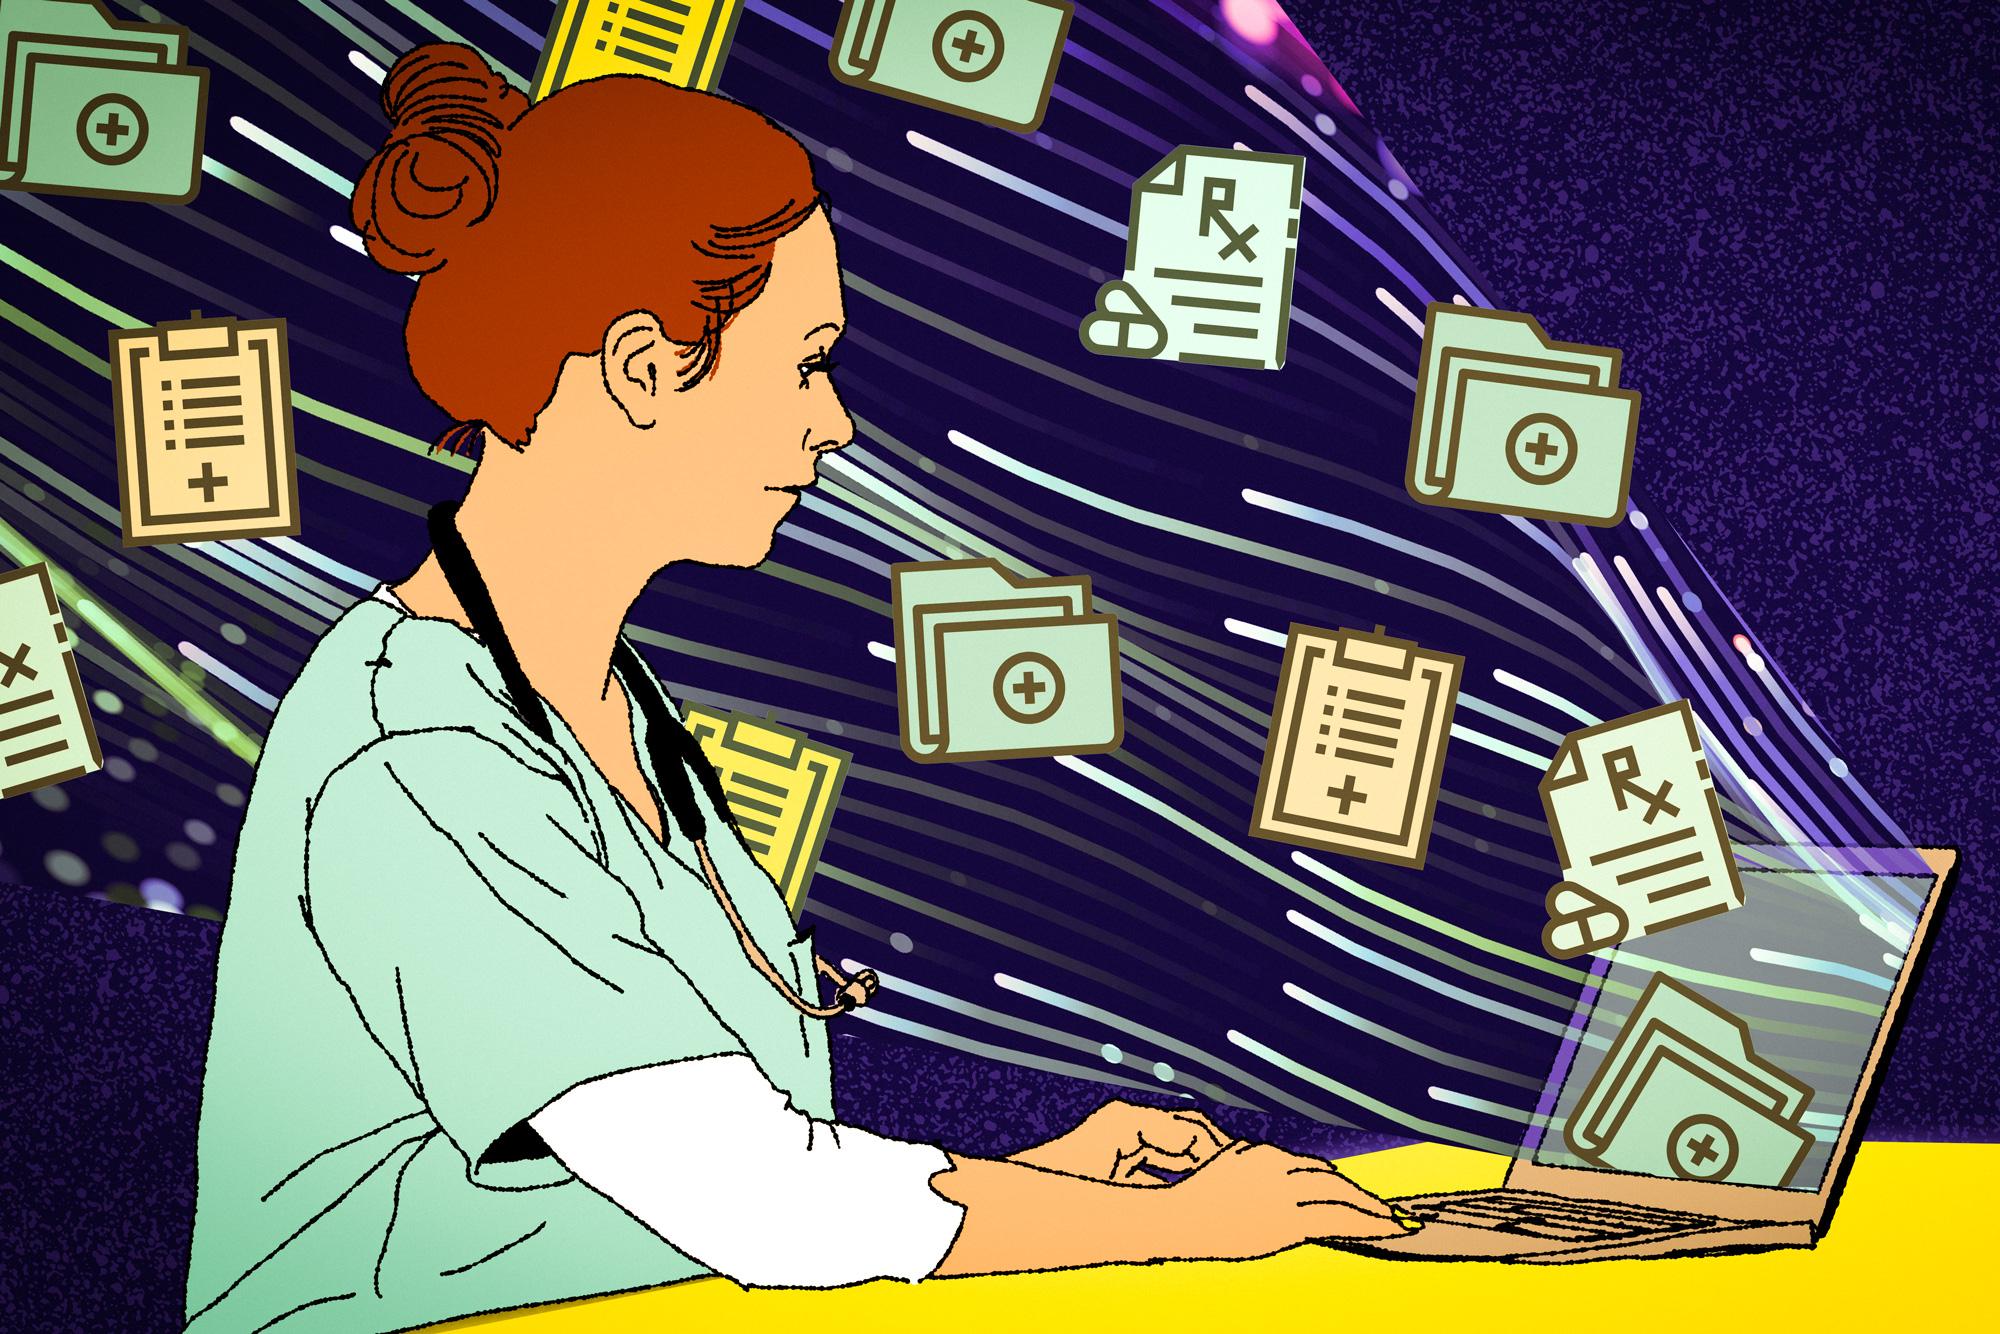 Toward a smarter electronic health record